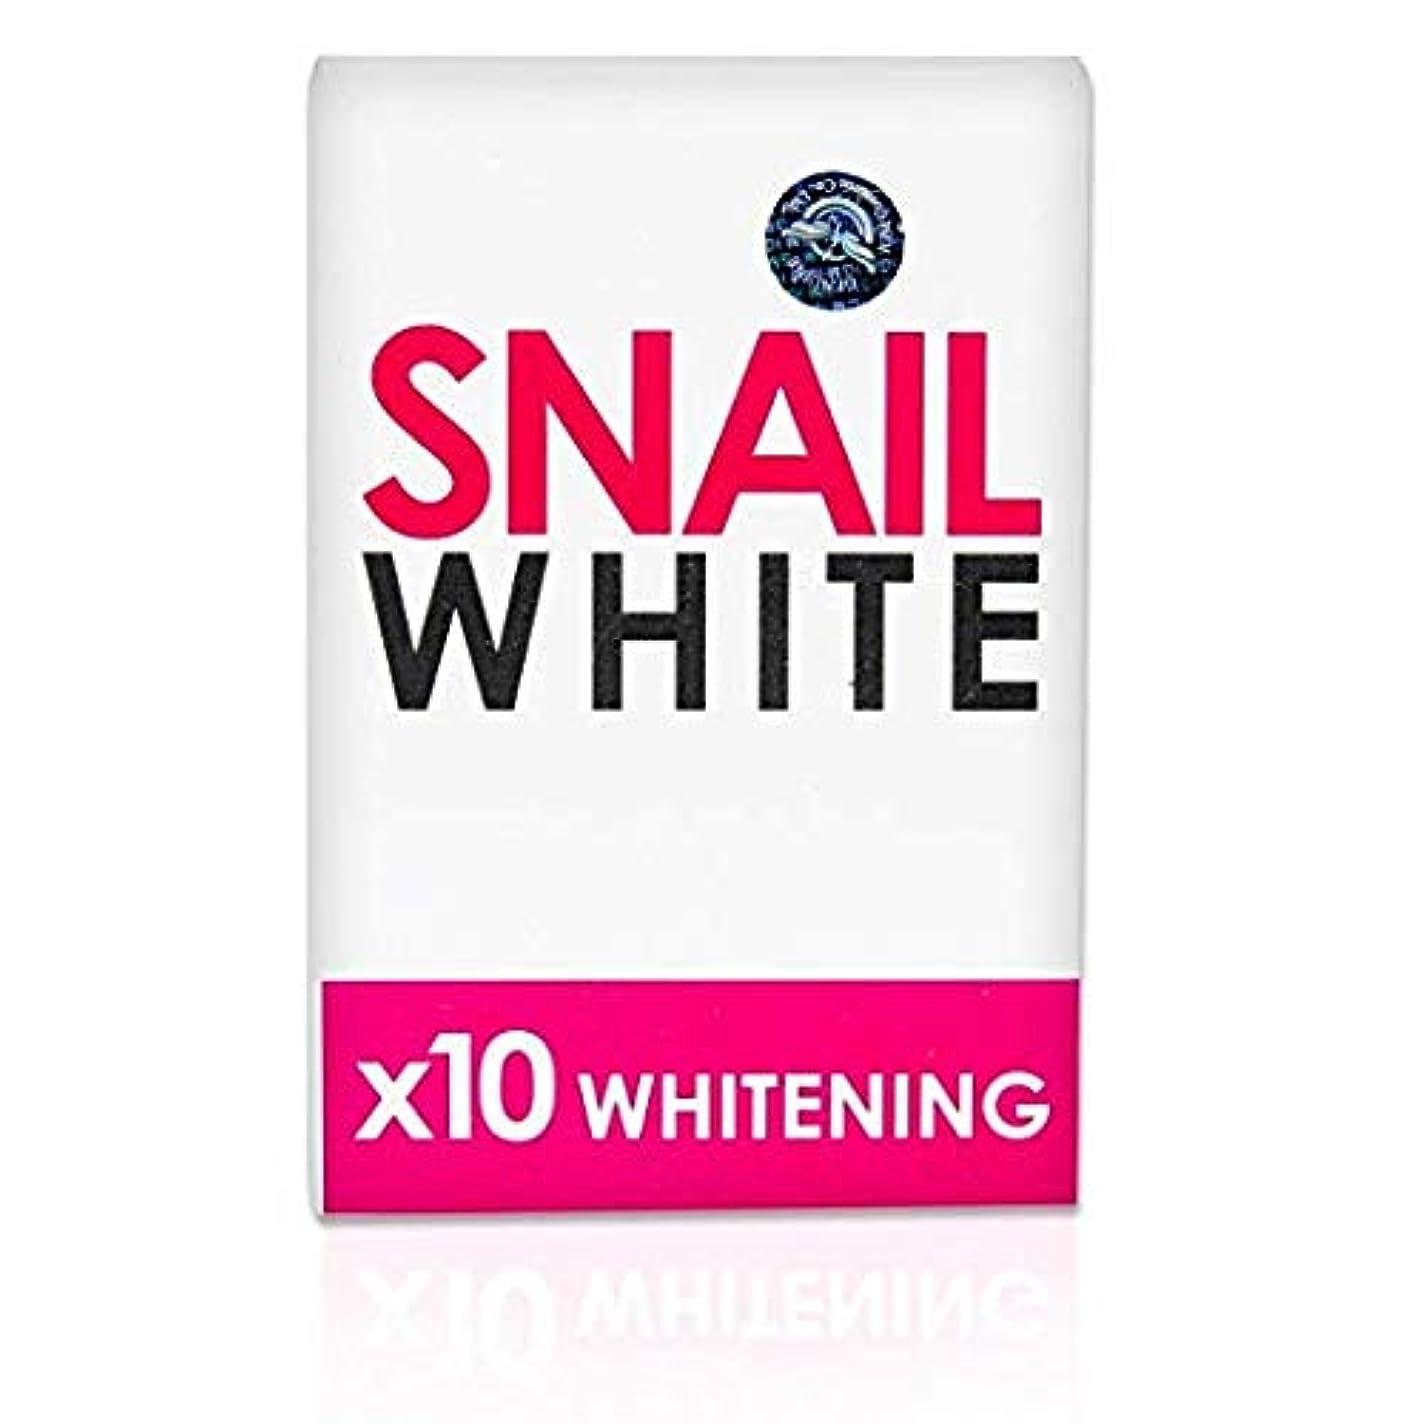 うまくいけば真夜中未知のスネイルホワイト Gluta Snail White x10 Whitening by Dream ホワイトニング 固形石鹸 2個